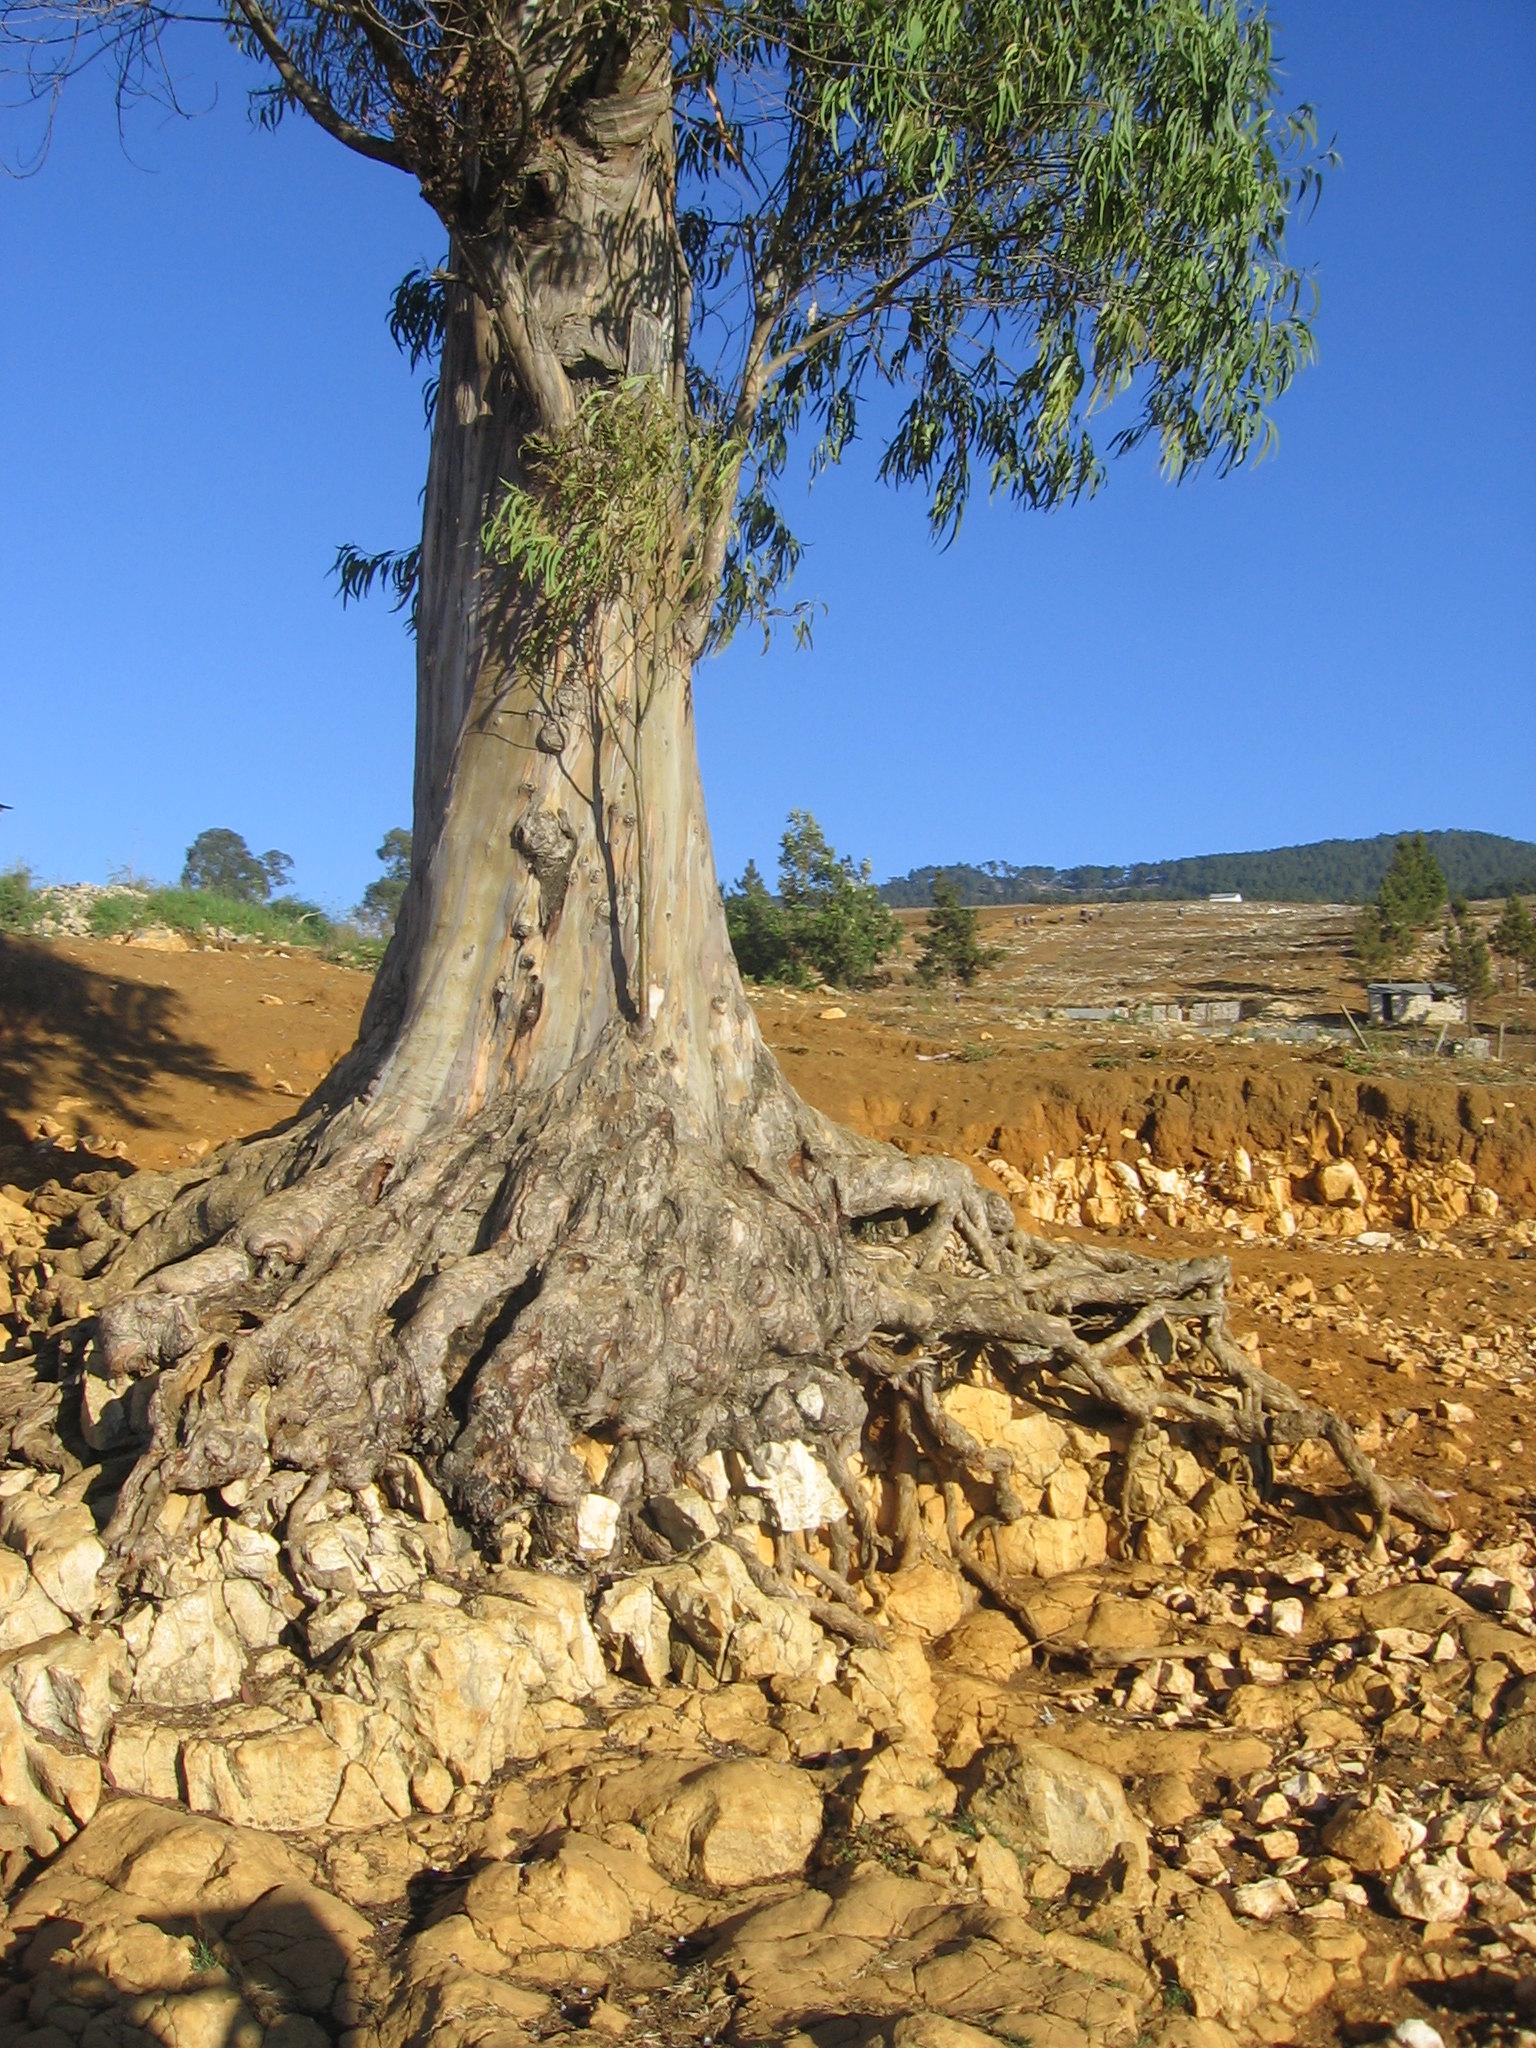 The Raincatchers Tree